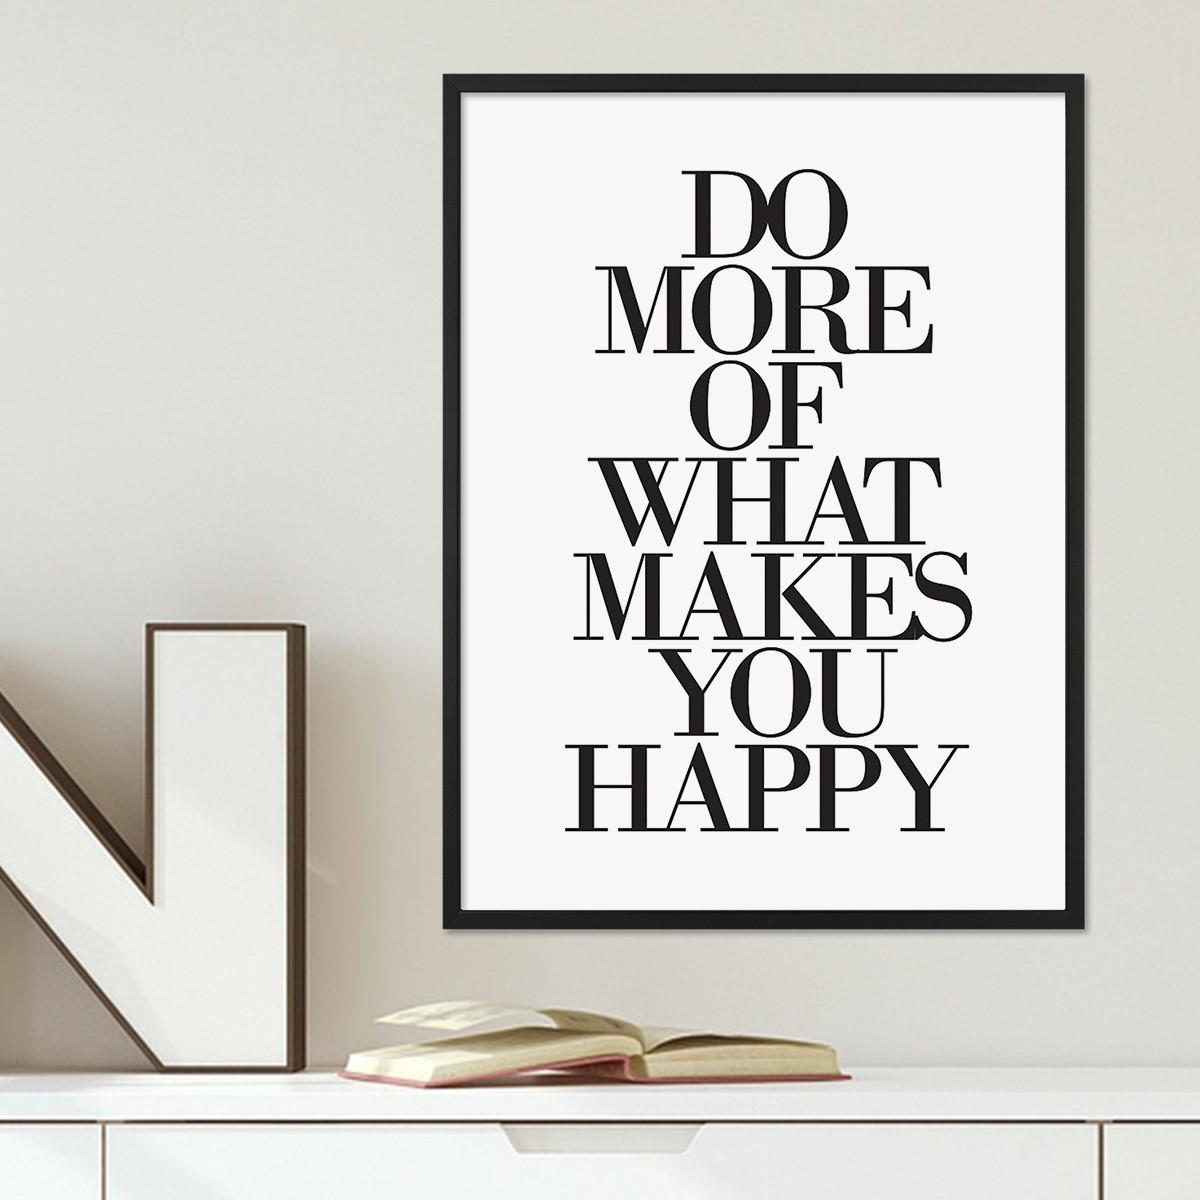 design poster mit bilderrahmen schwarz 39 what makes you happy 39 30x40 cm schwarz weiss typographie. Black Bedroom Furniture Sets. Home Design Ideas